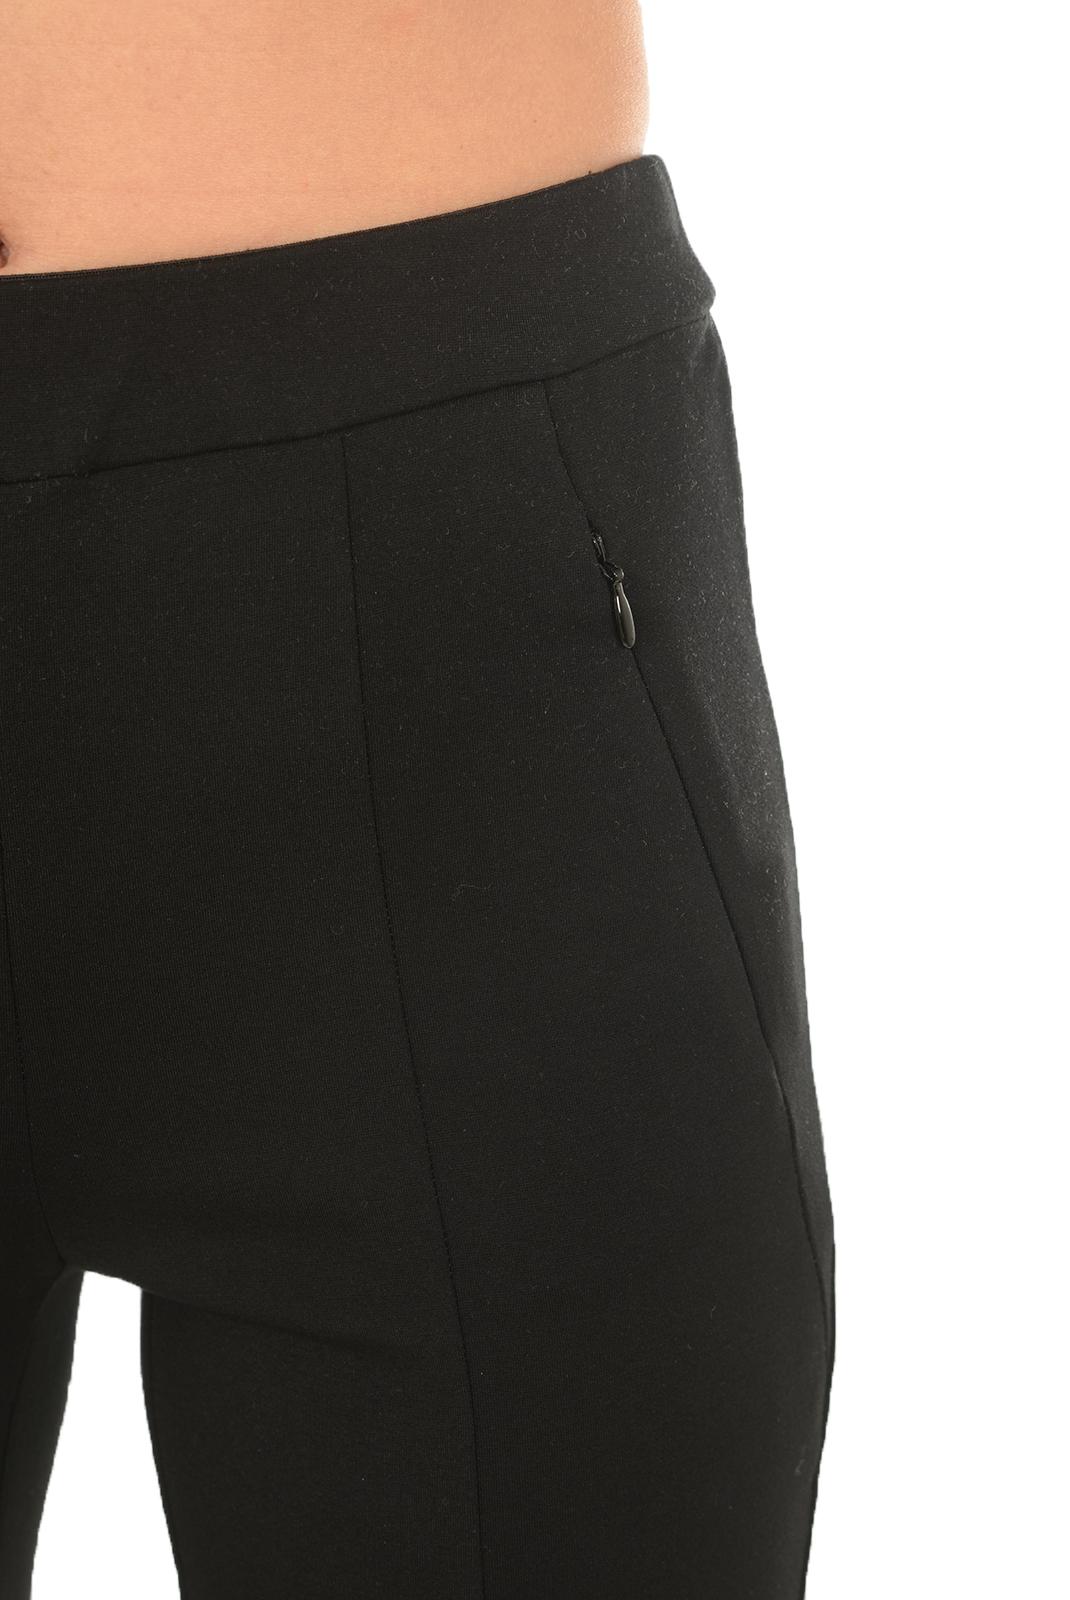 Pantalons  Morgan 171-PAPETI NOIR